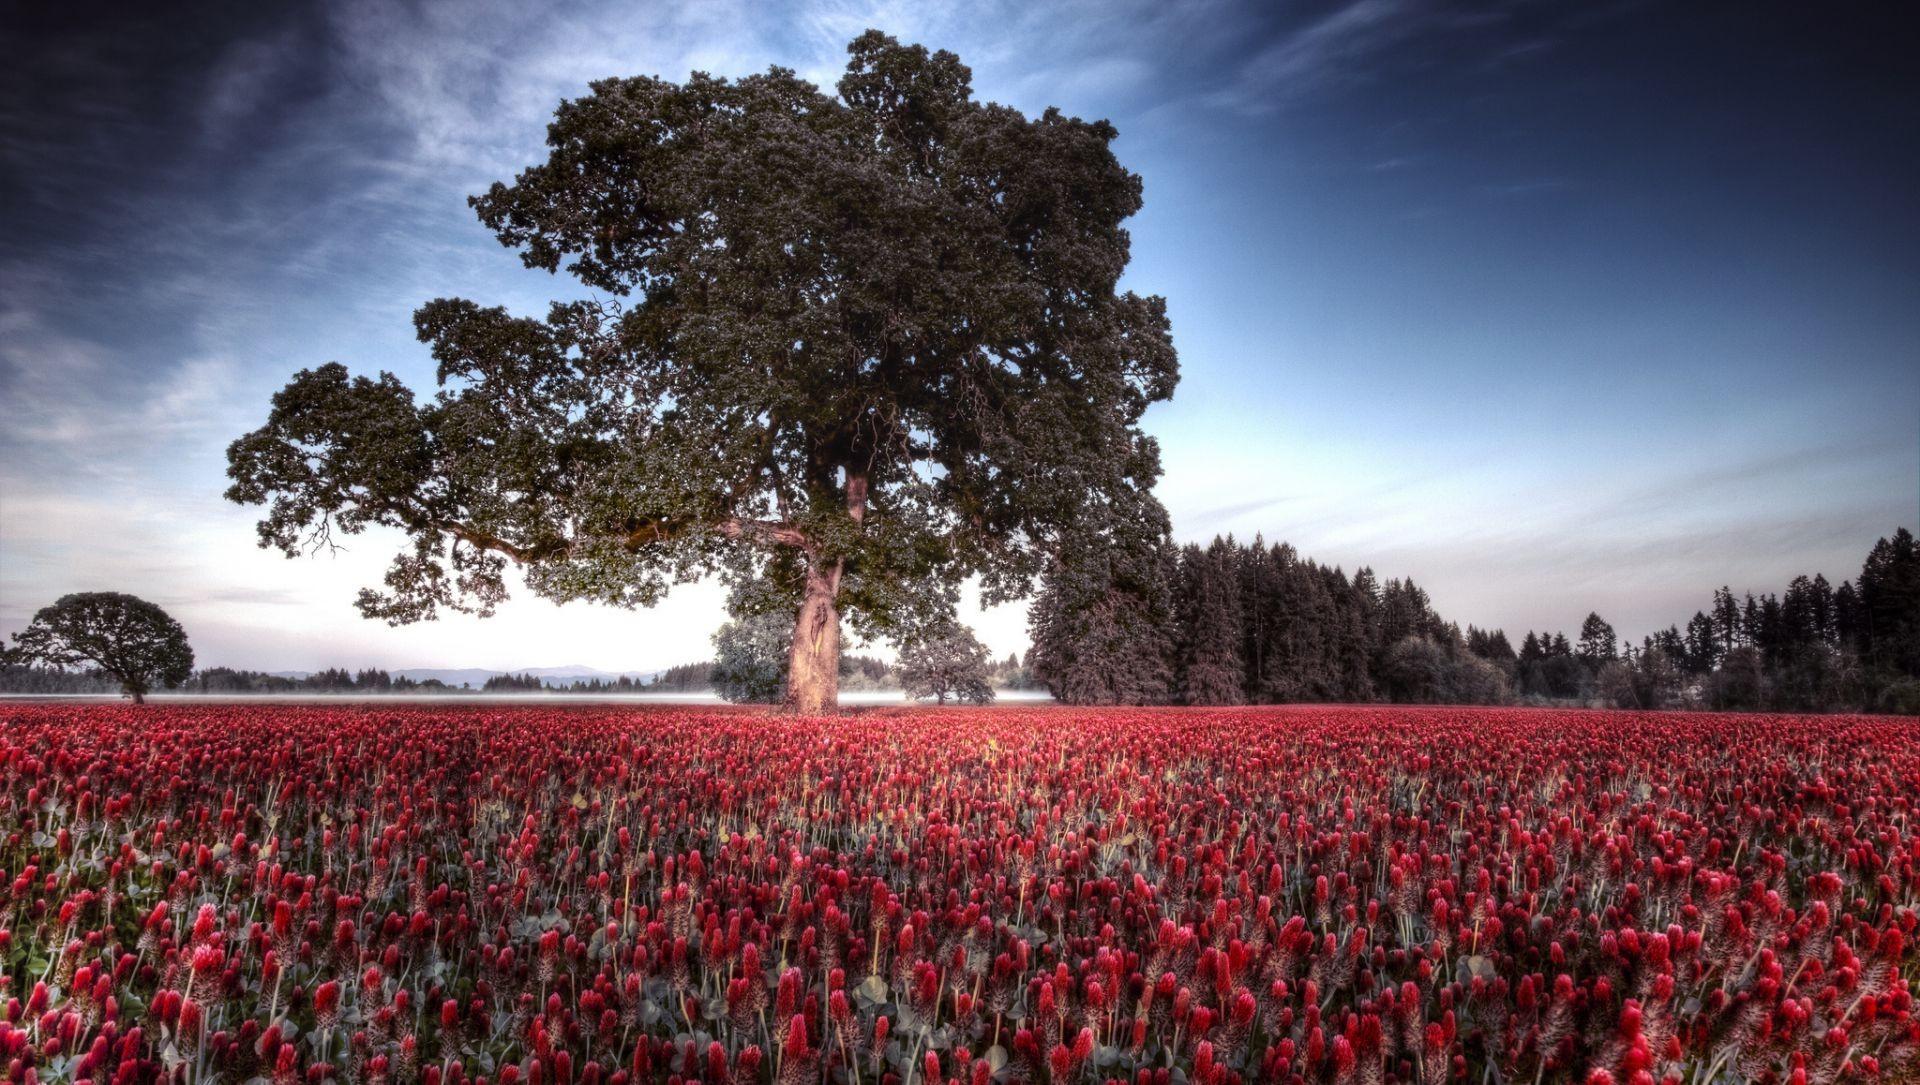 природа деревья поле бесплатно